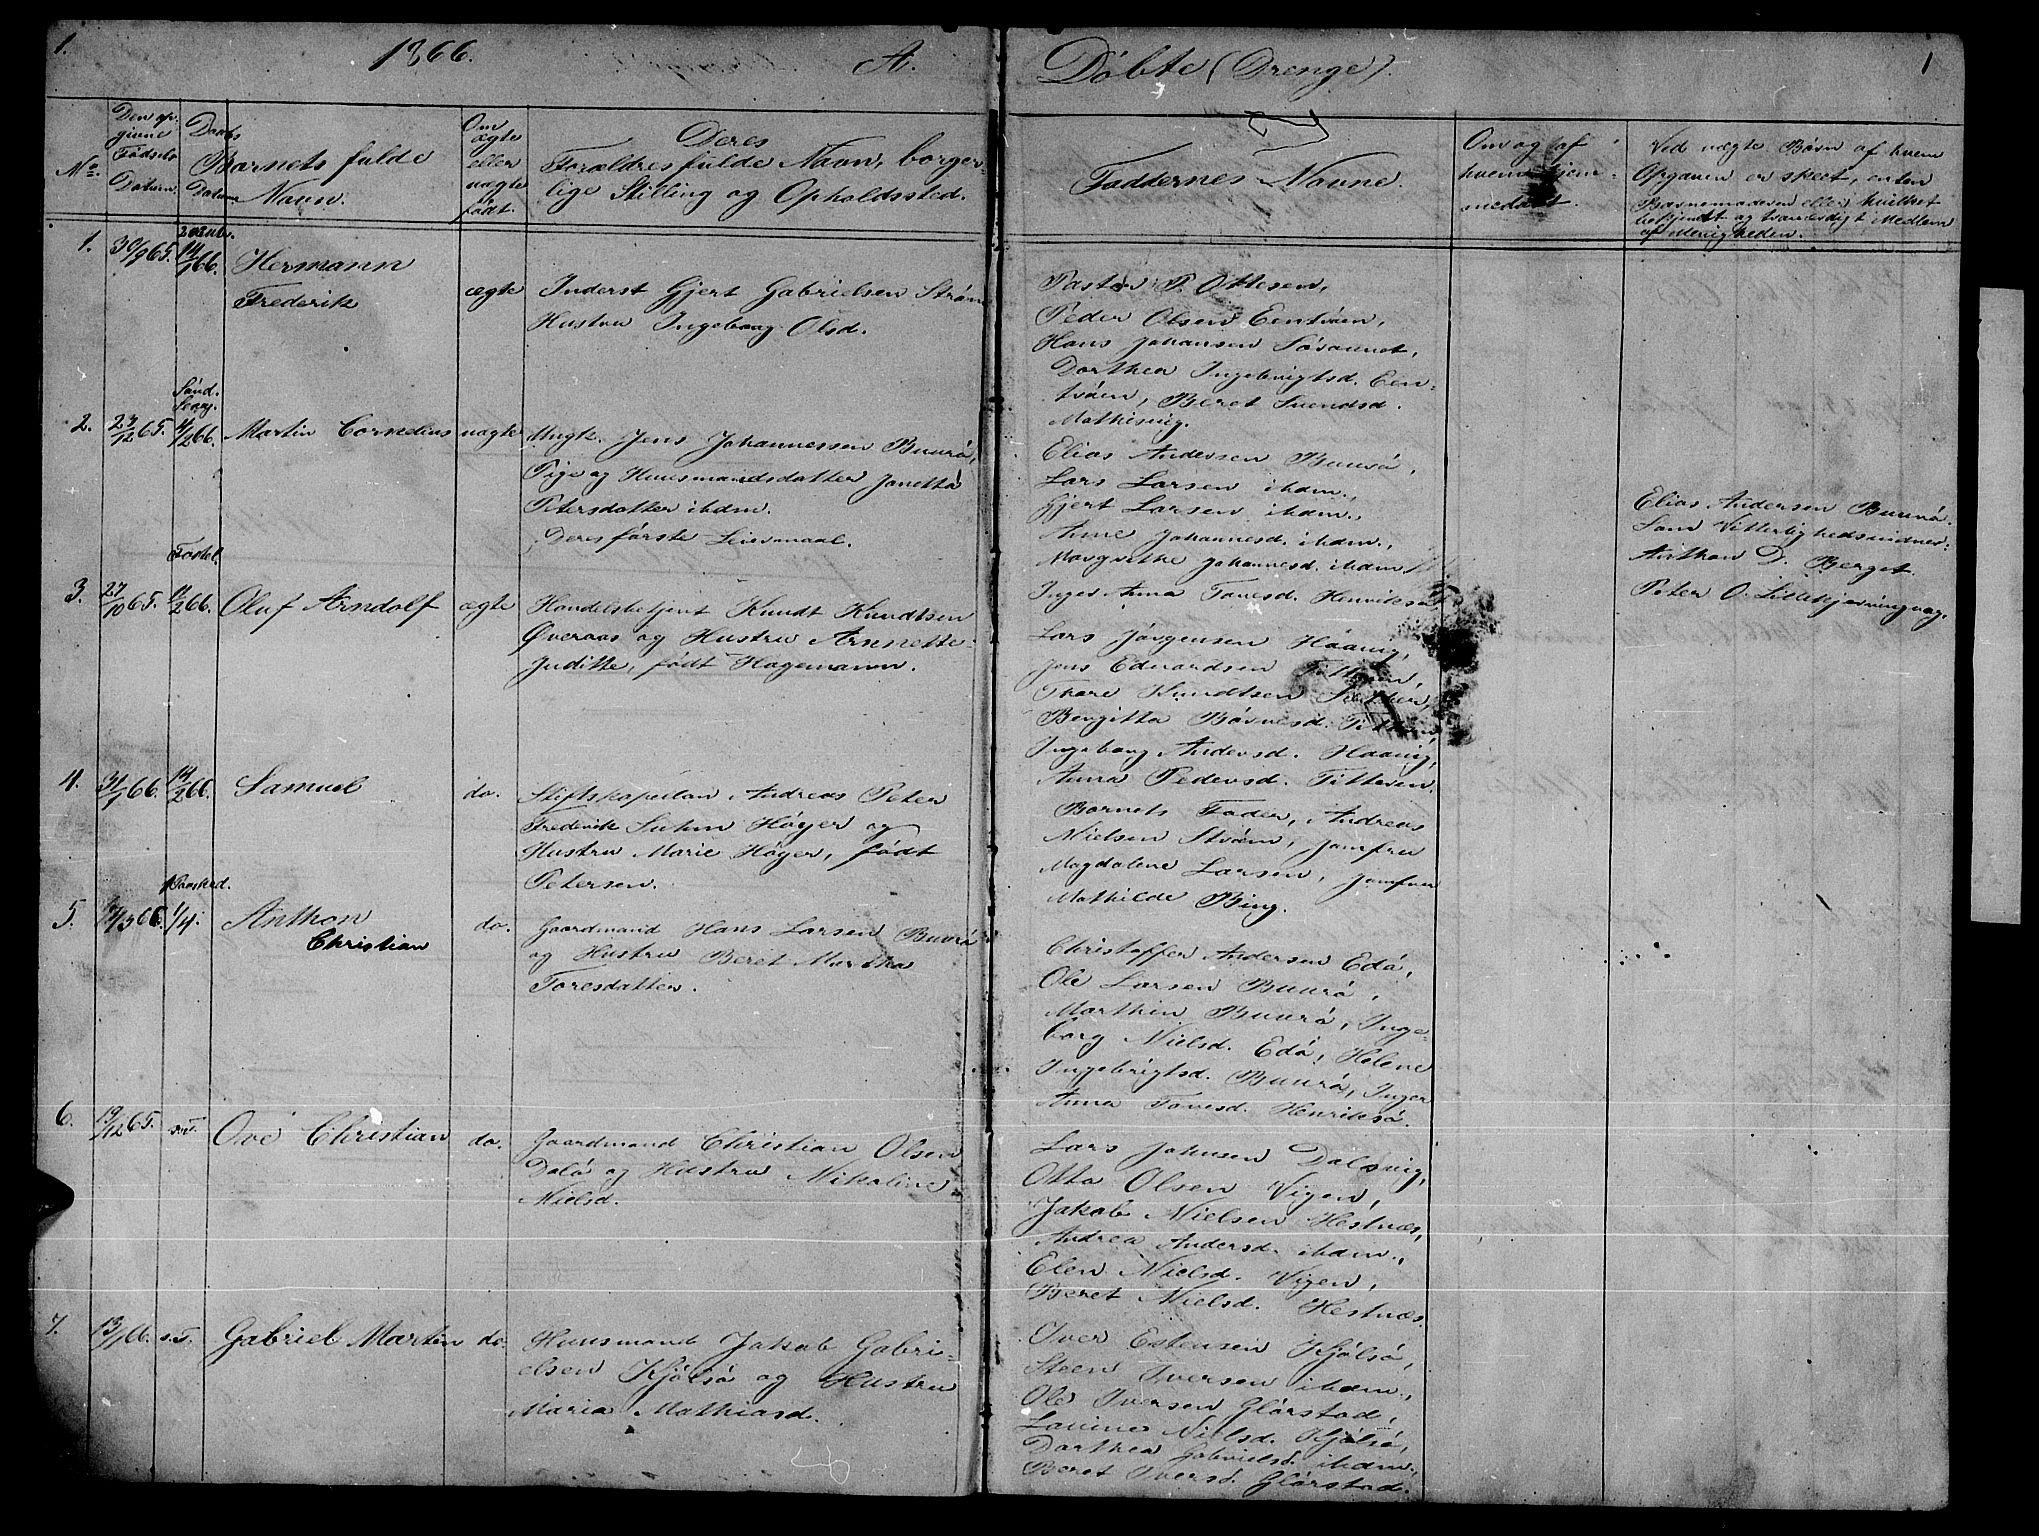 SAT, Ministerialprotokoller, klokkerbøker og fødselsregistre - Sør-Trøndelag, 634/L0539: Klokkerbok nr. 634C01, 1866-1873, s. 1